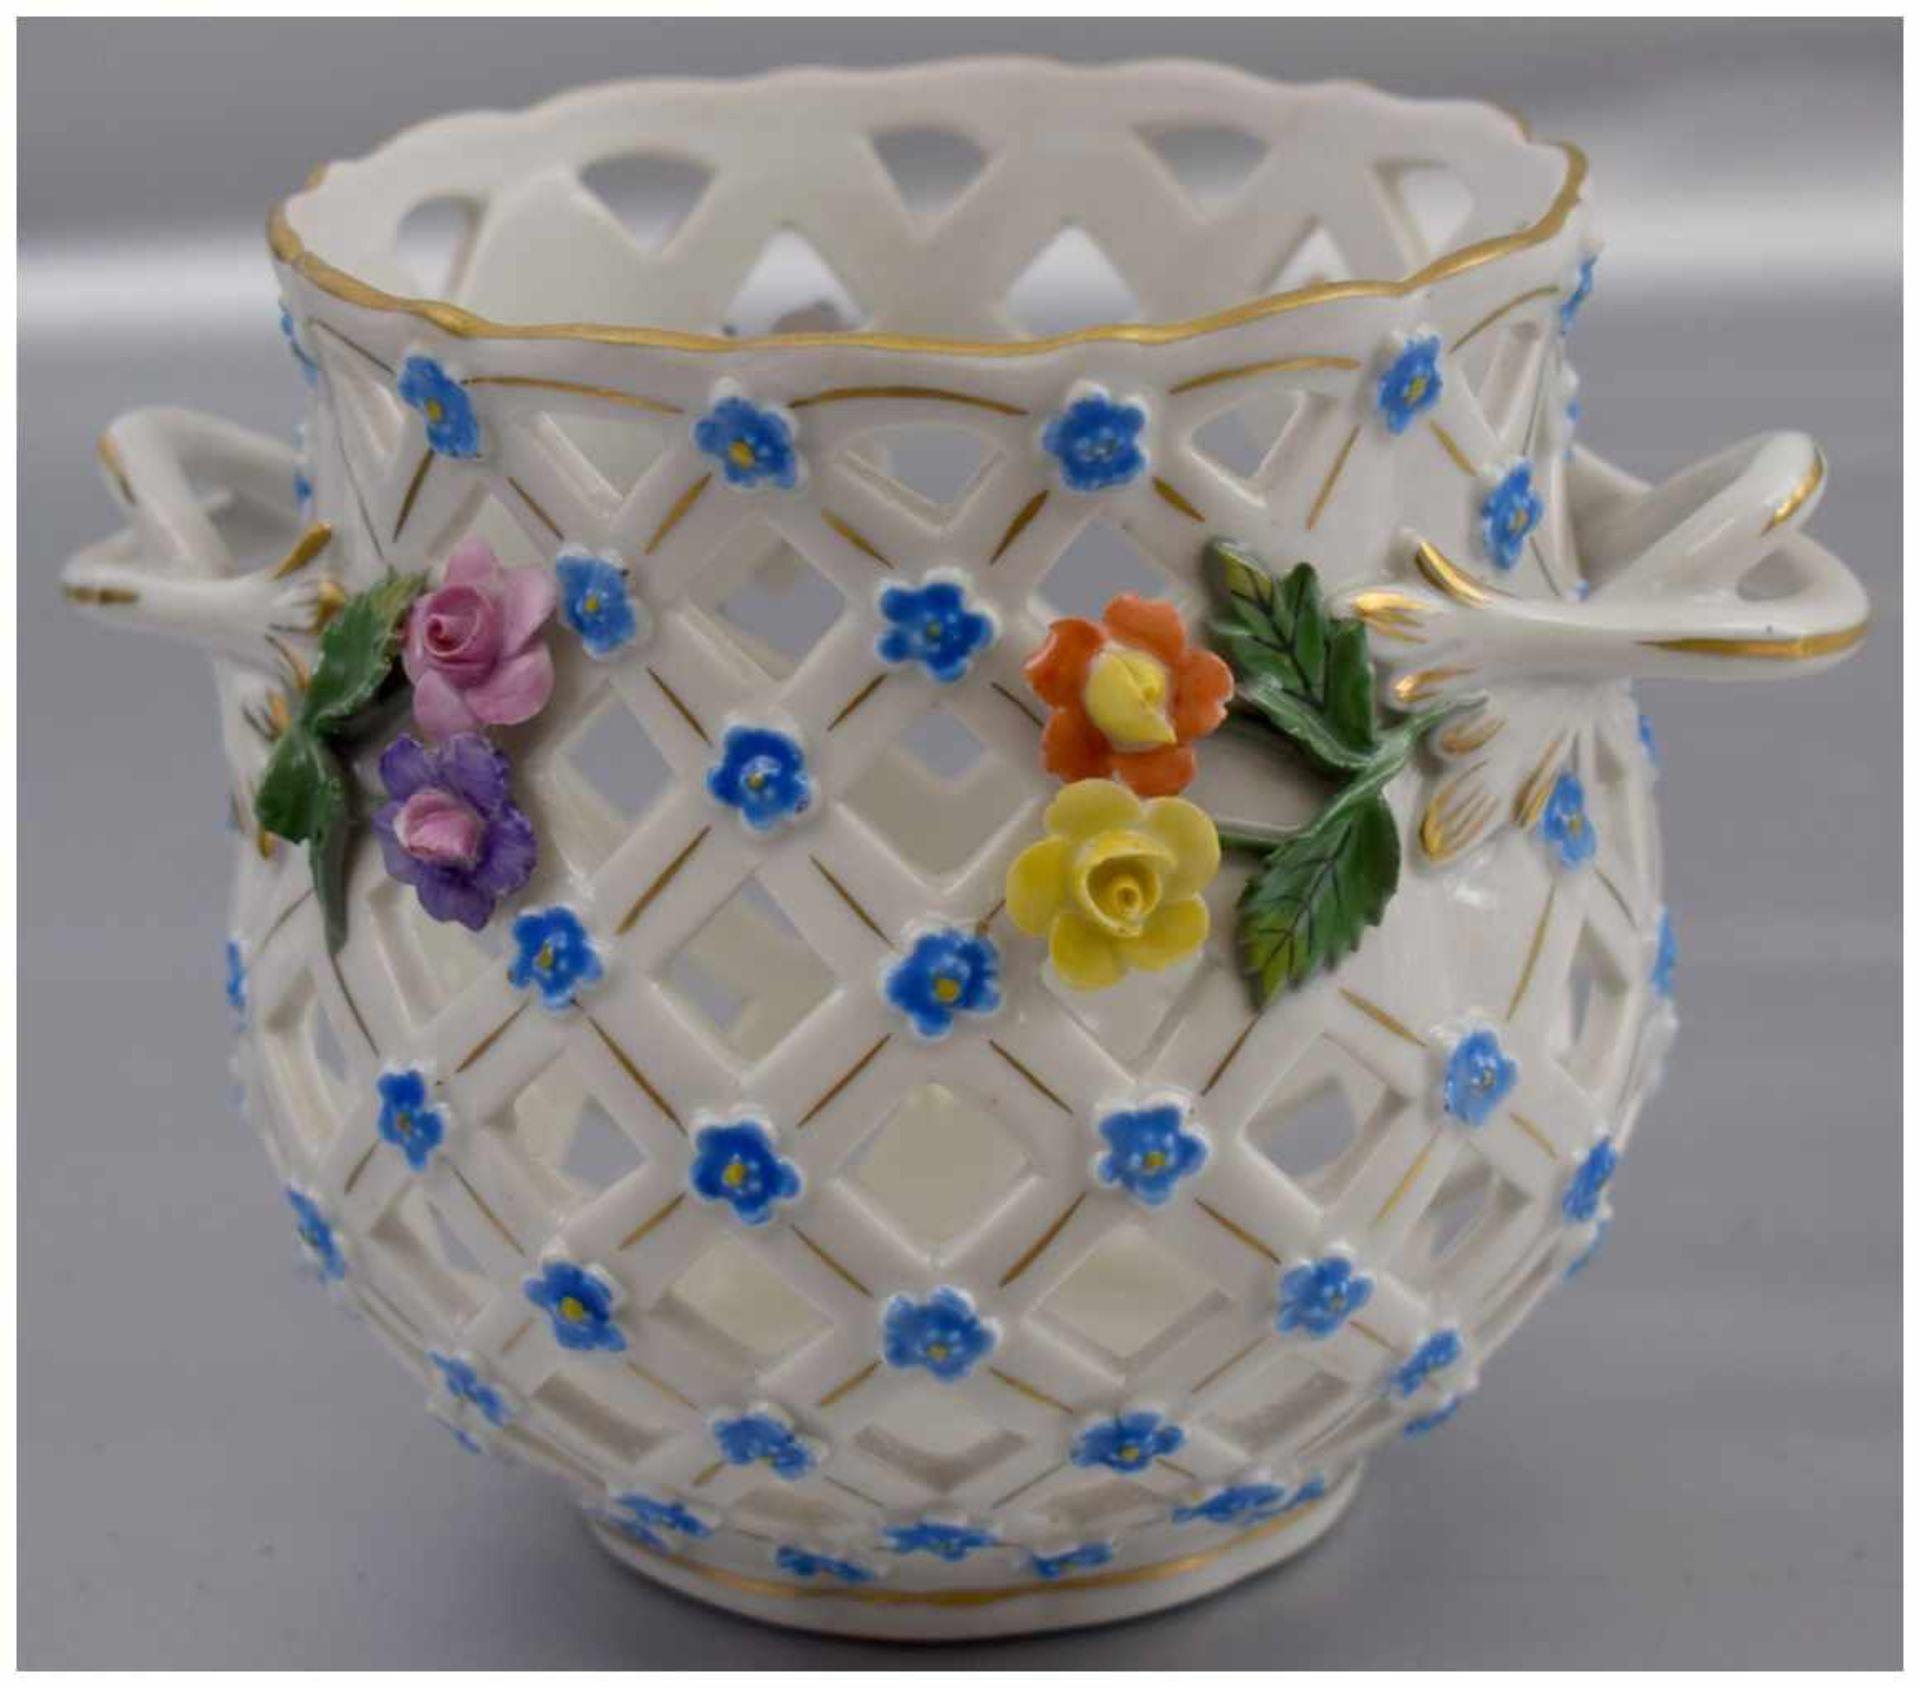 Los 59 - Blumenübertopf Goldrand, durchbrochen, mit Vergissmeinnicht und halbplastischen Blüten verziert,